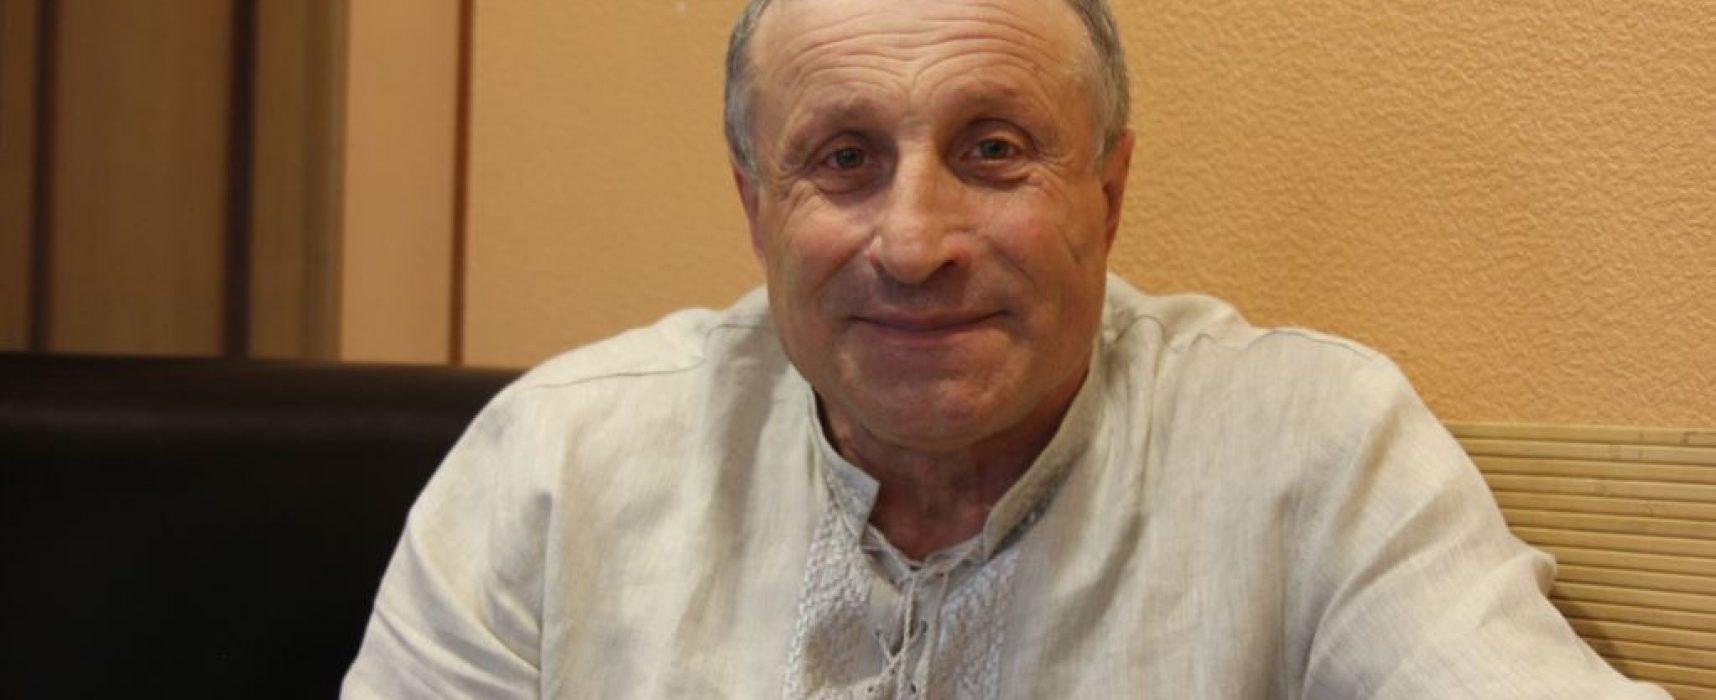 Крымский журналист, обозреватель Крым.Реалии Николай Семена выехал на лечение на материковую Украину